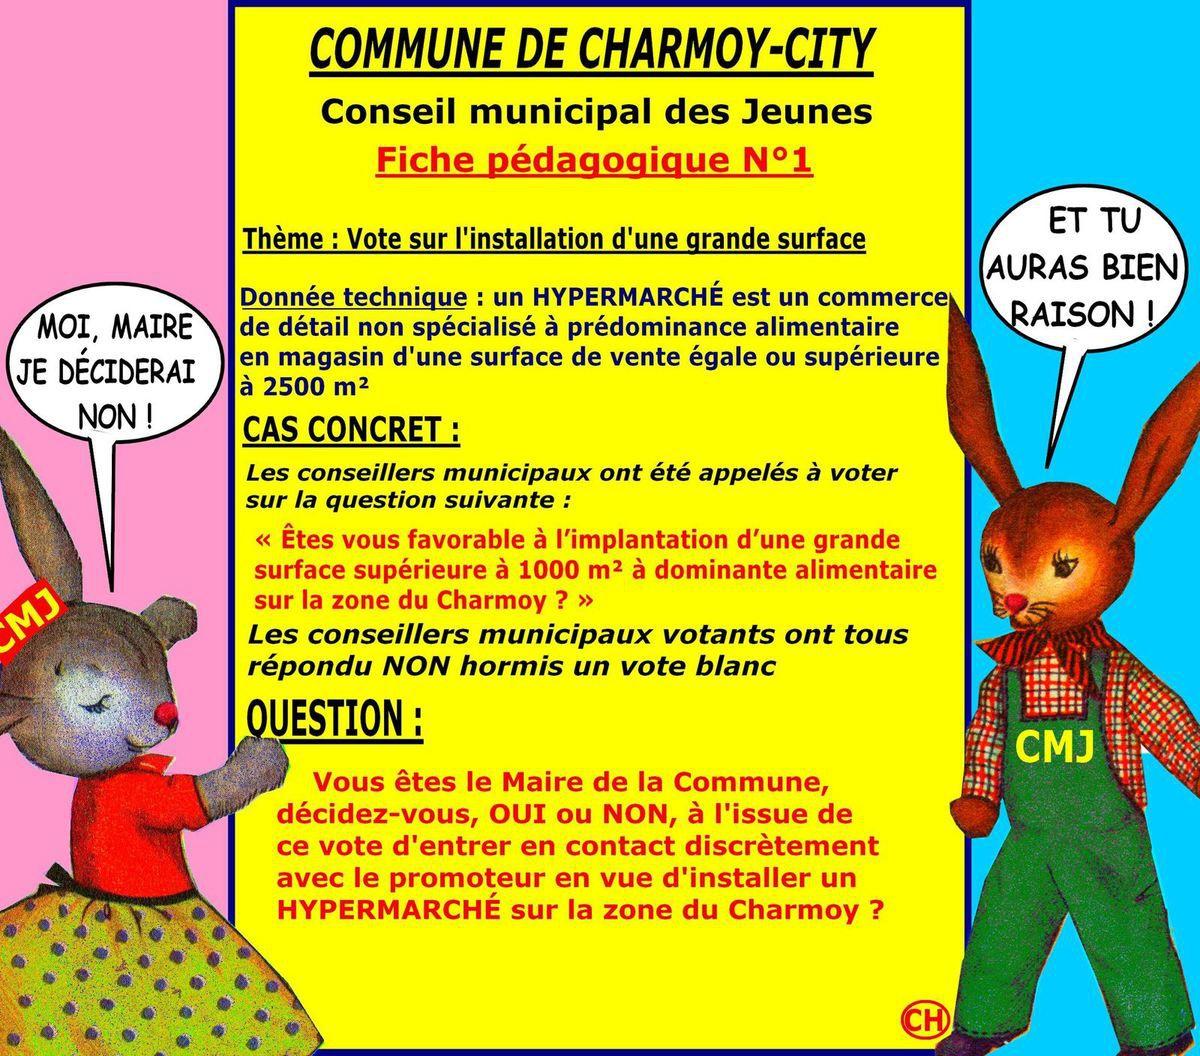 ALBUM - LES PETITS LAPINS DU CMJ DE CHARMOY-CITY